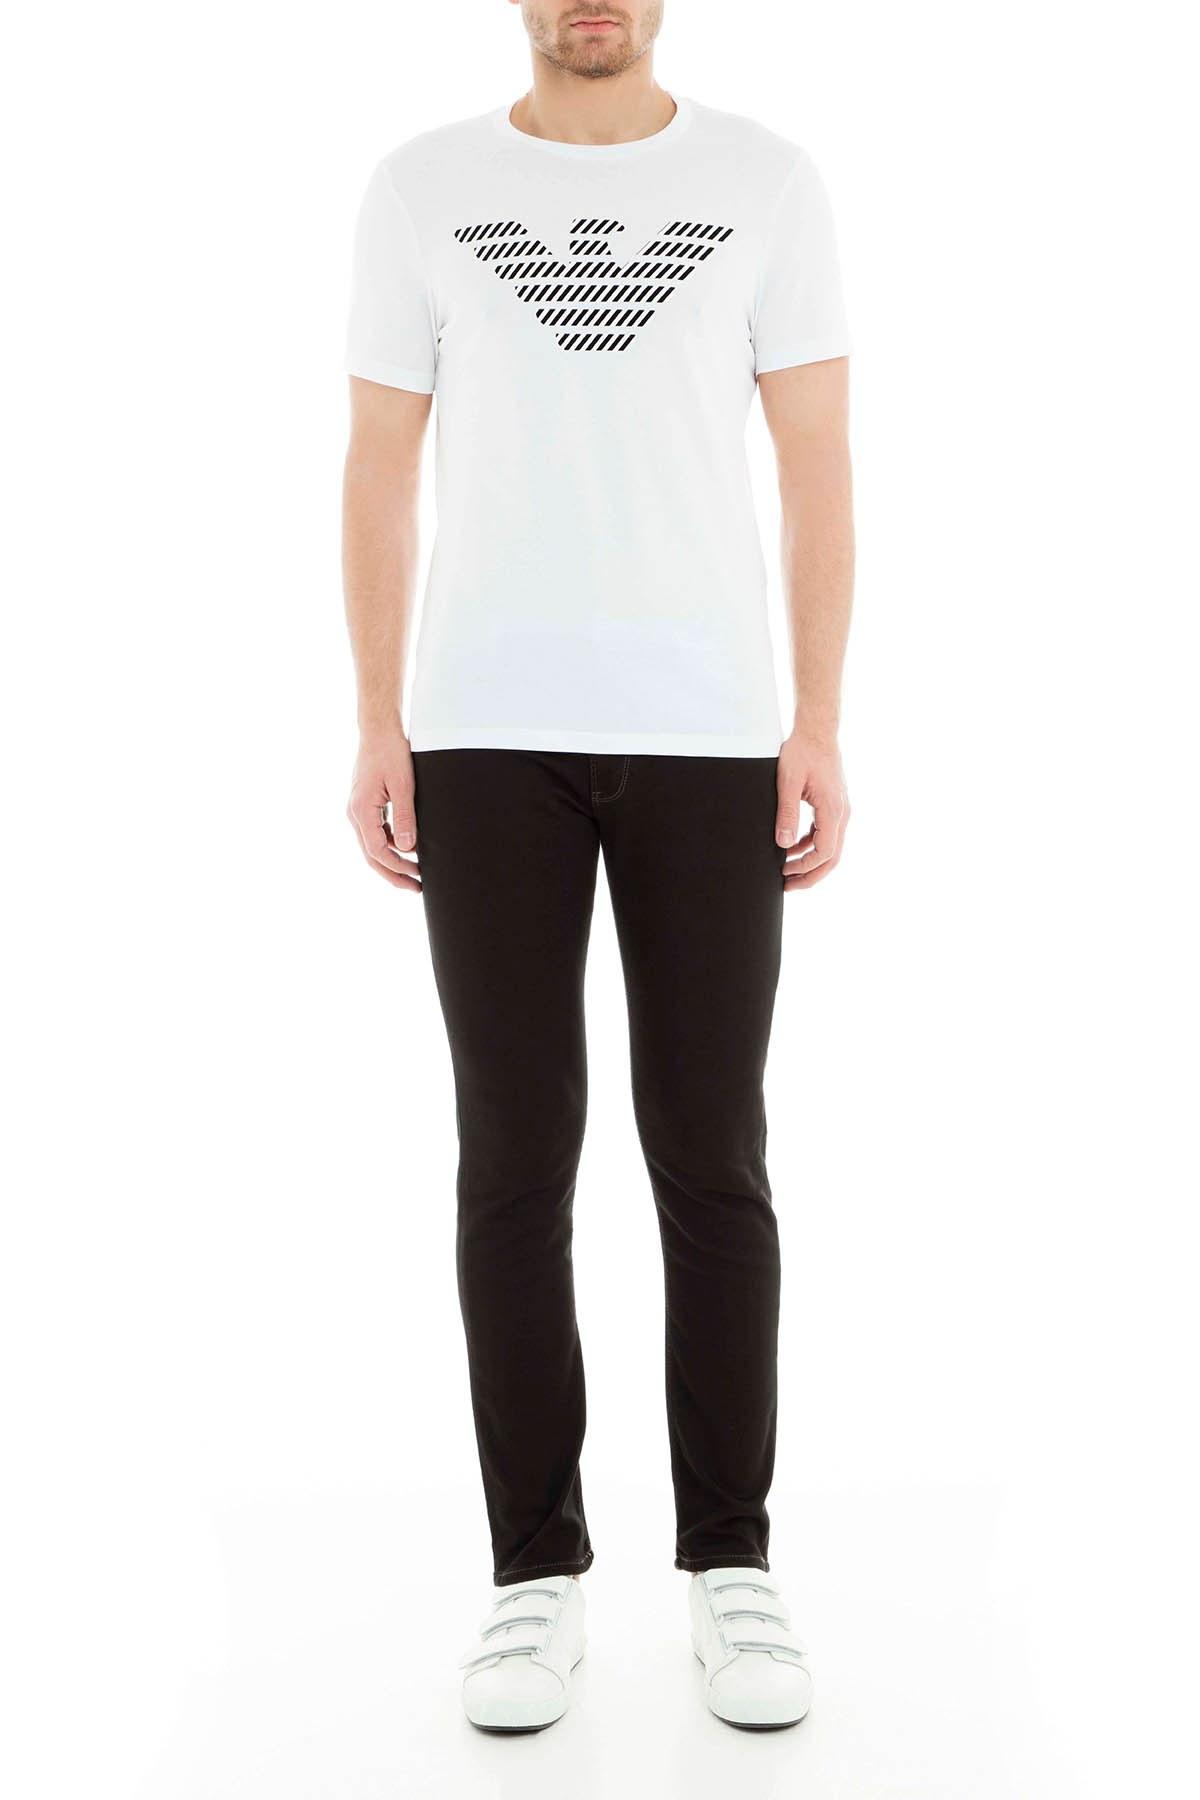 Emporio Armani J06 Jeans Erkek Kot Pantolon 3G1J06 1D0PZ 0005 SİYAH